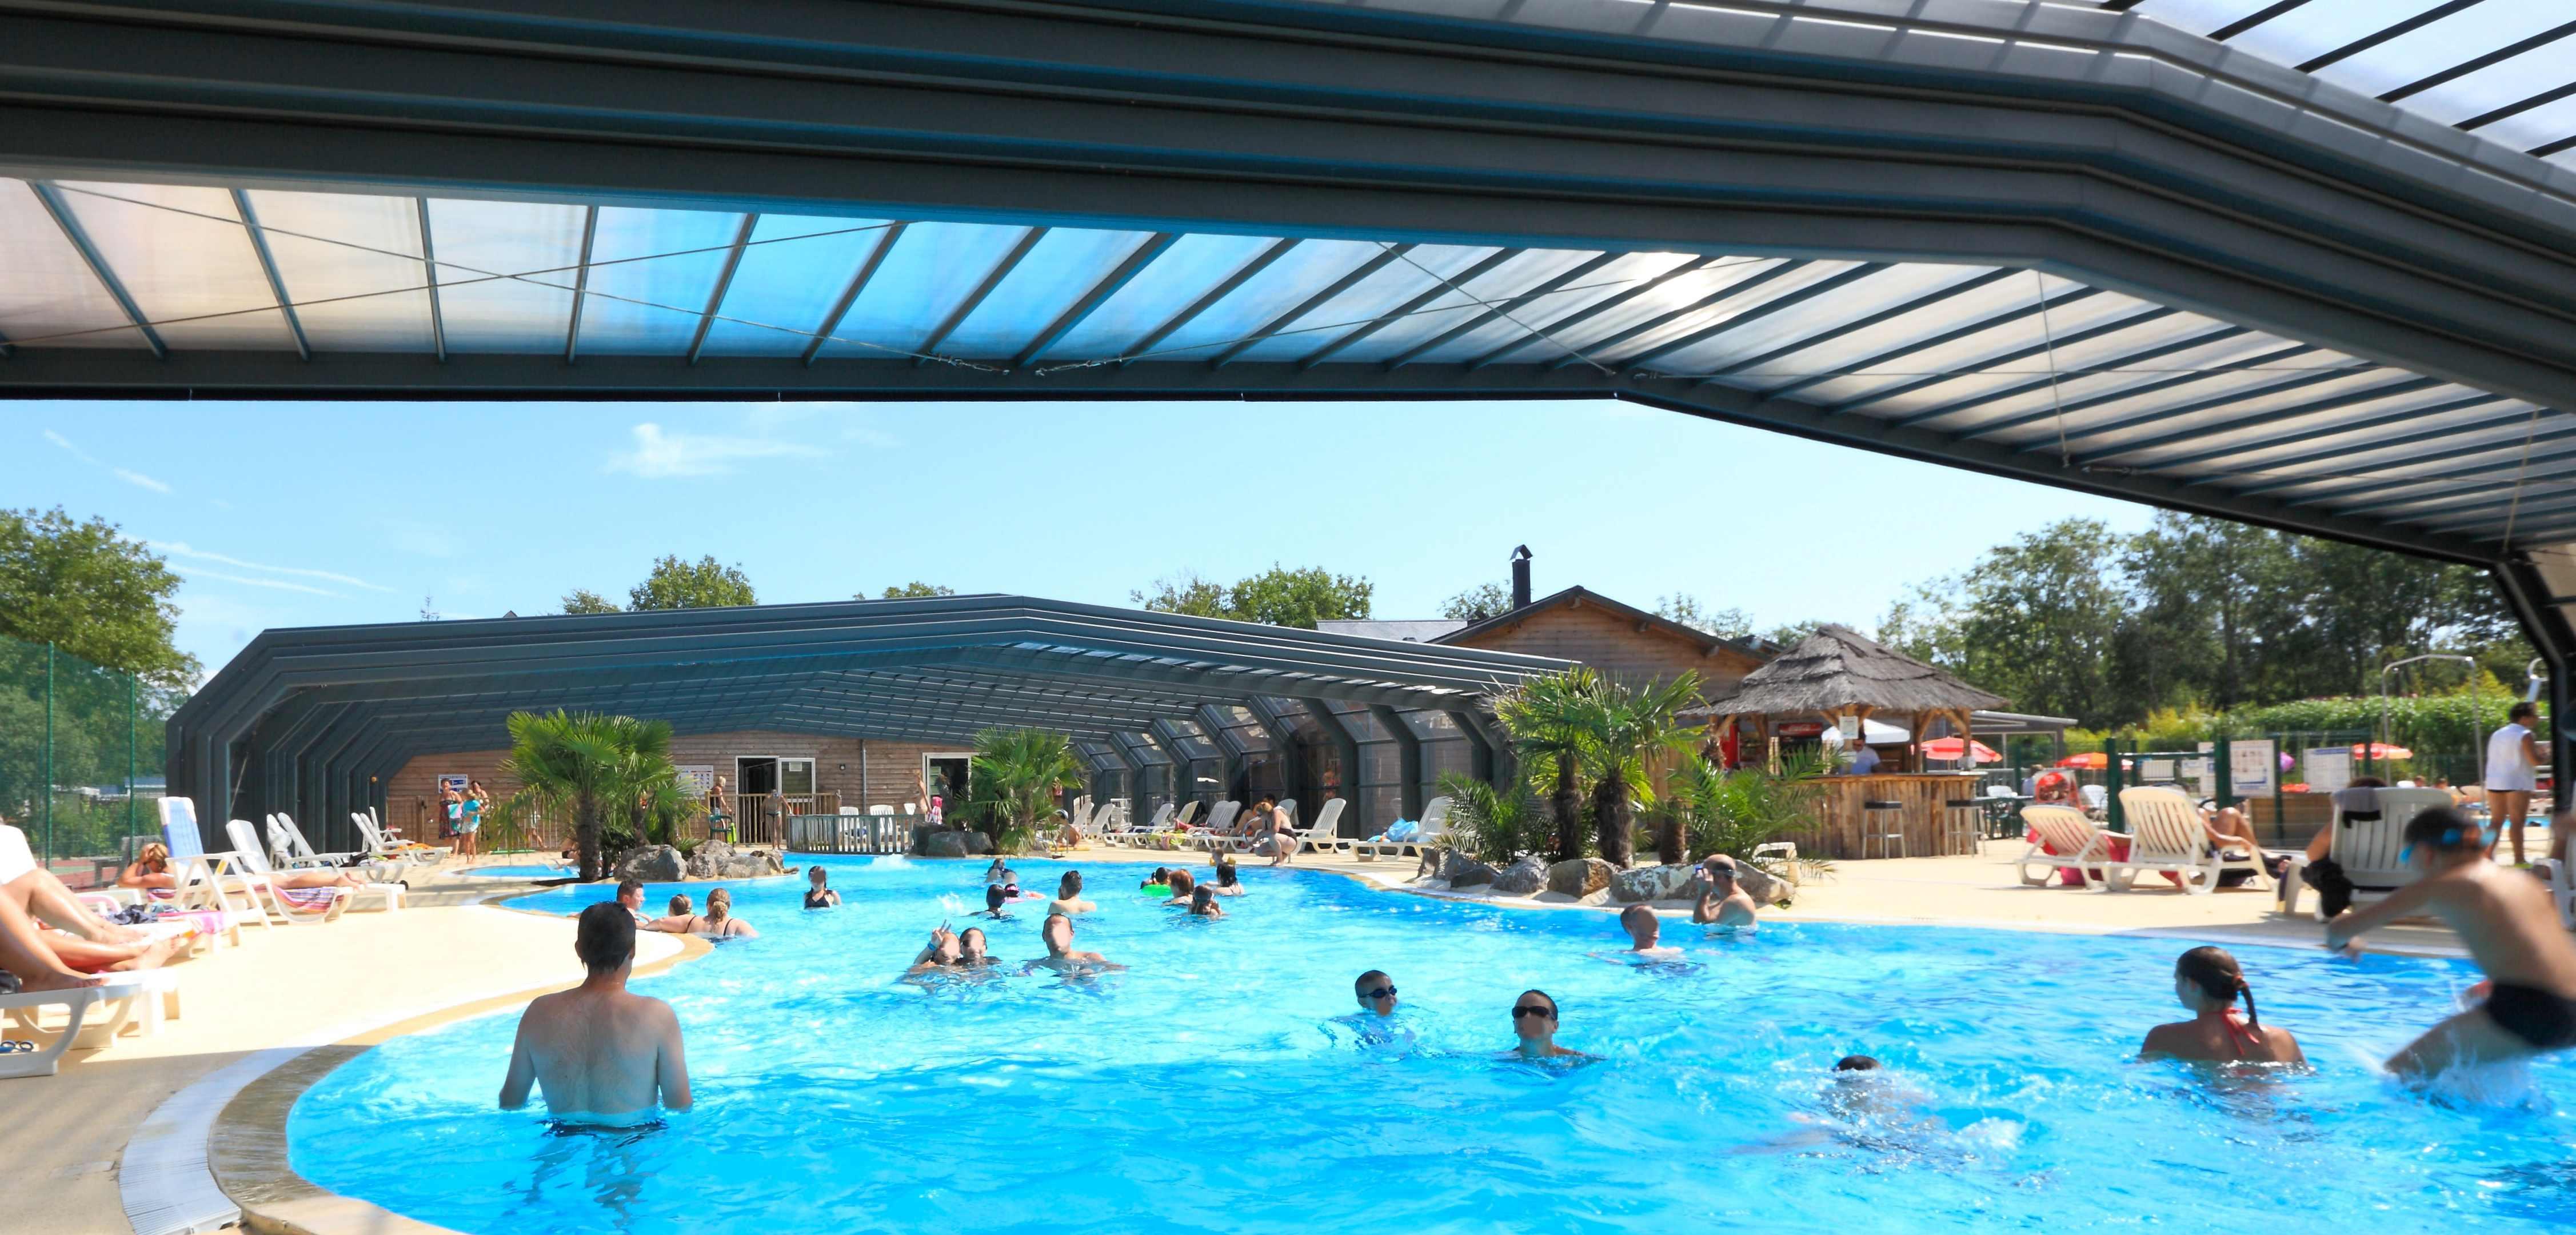 Piscines couvertes chauff es en baie de somme au camping for Camping quend plage avec piscine